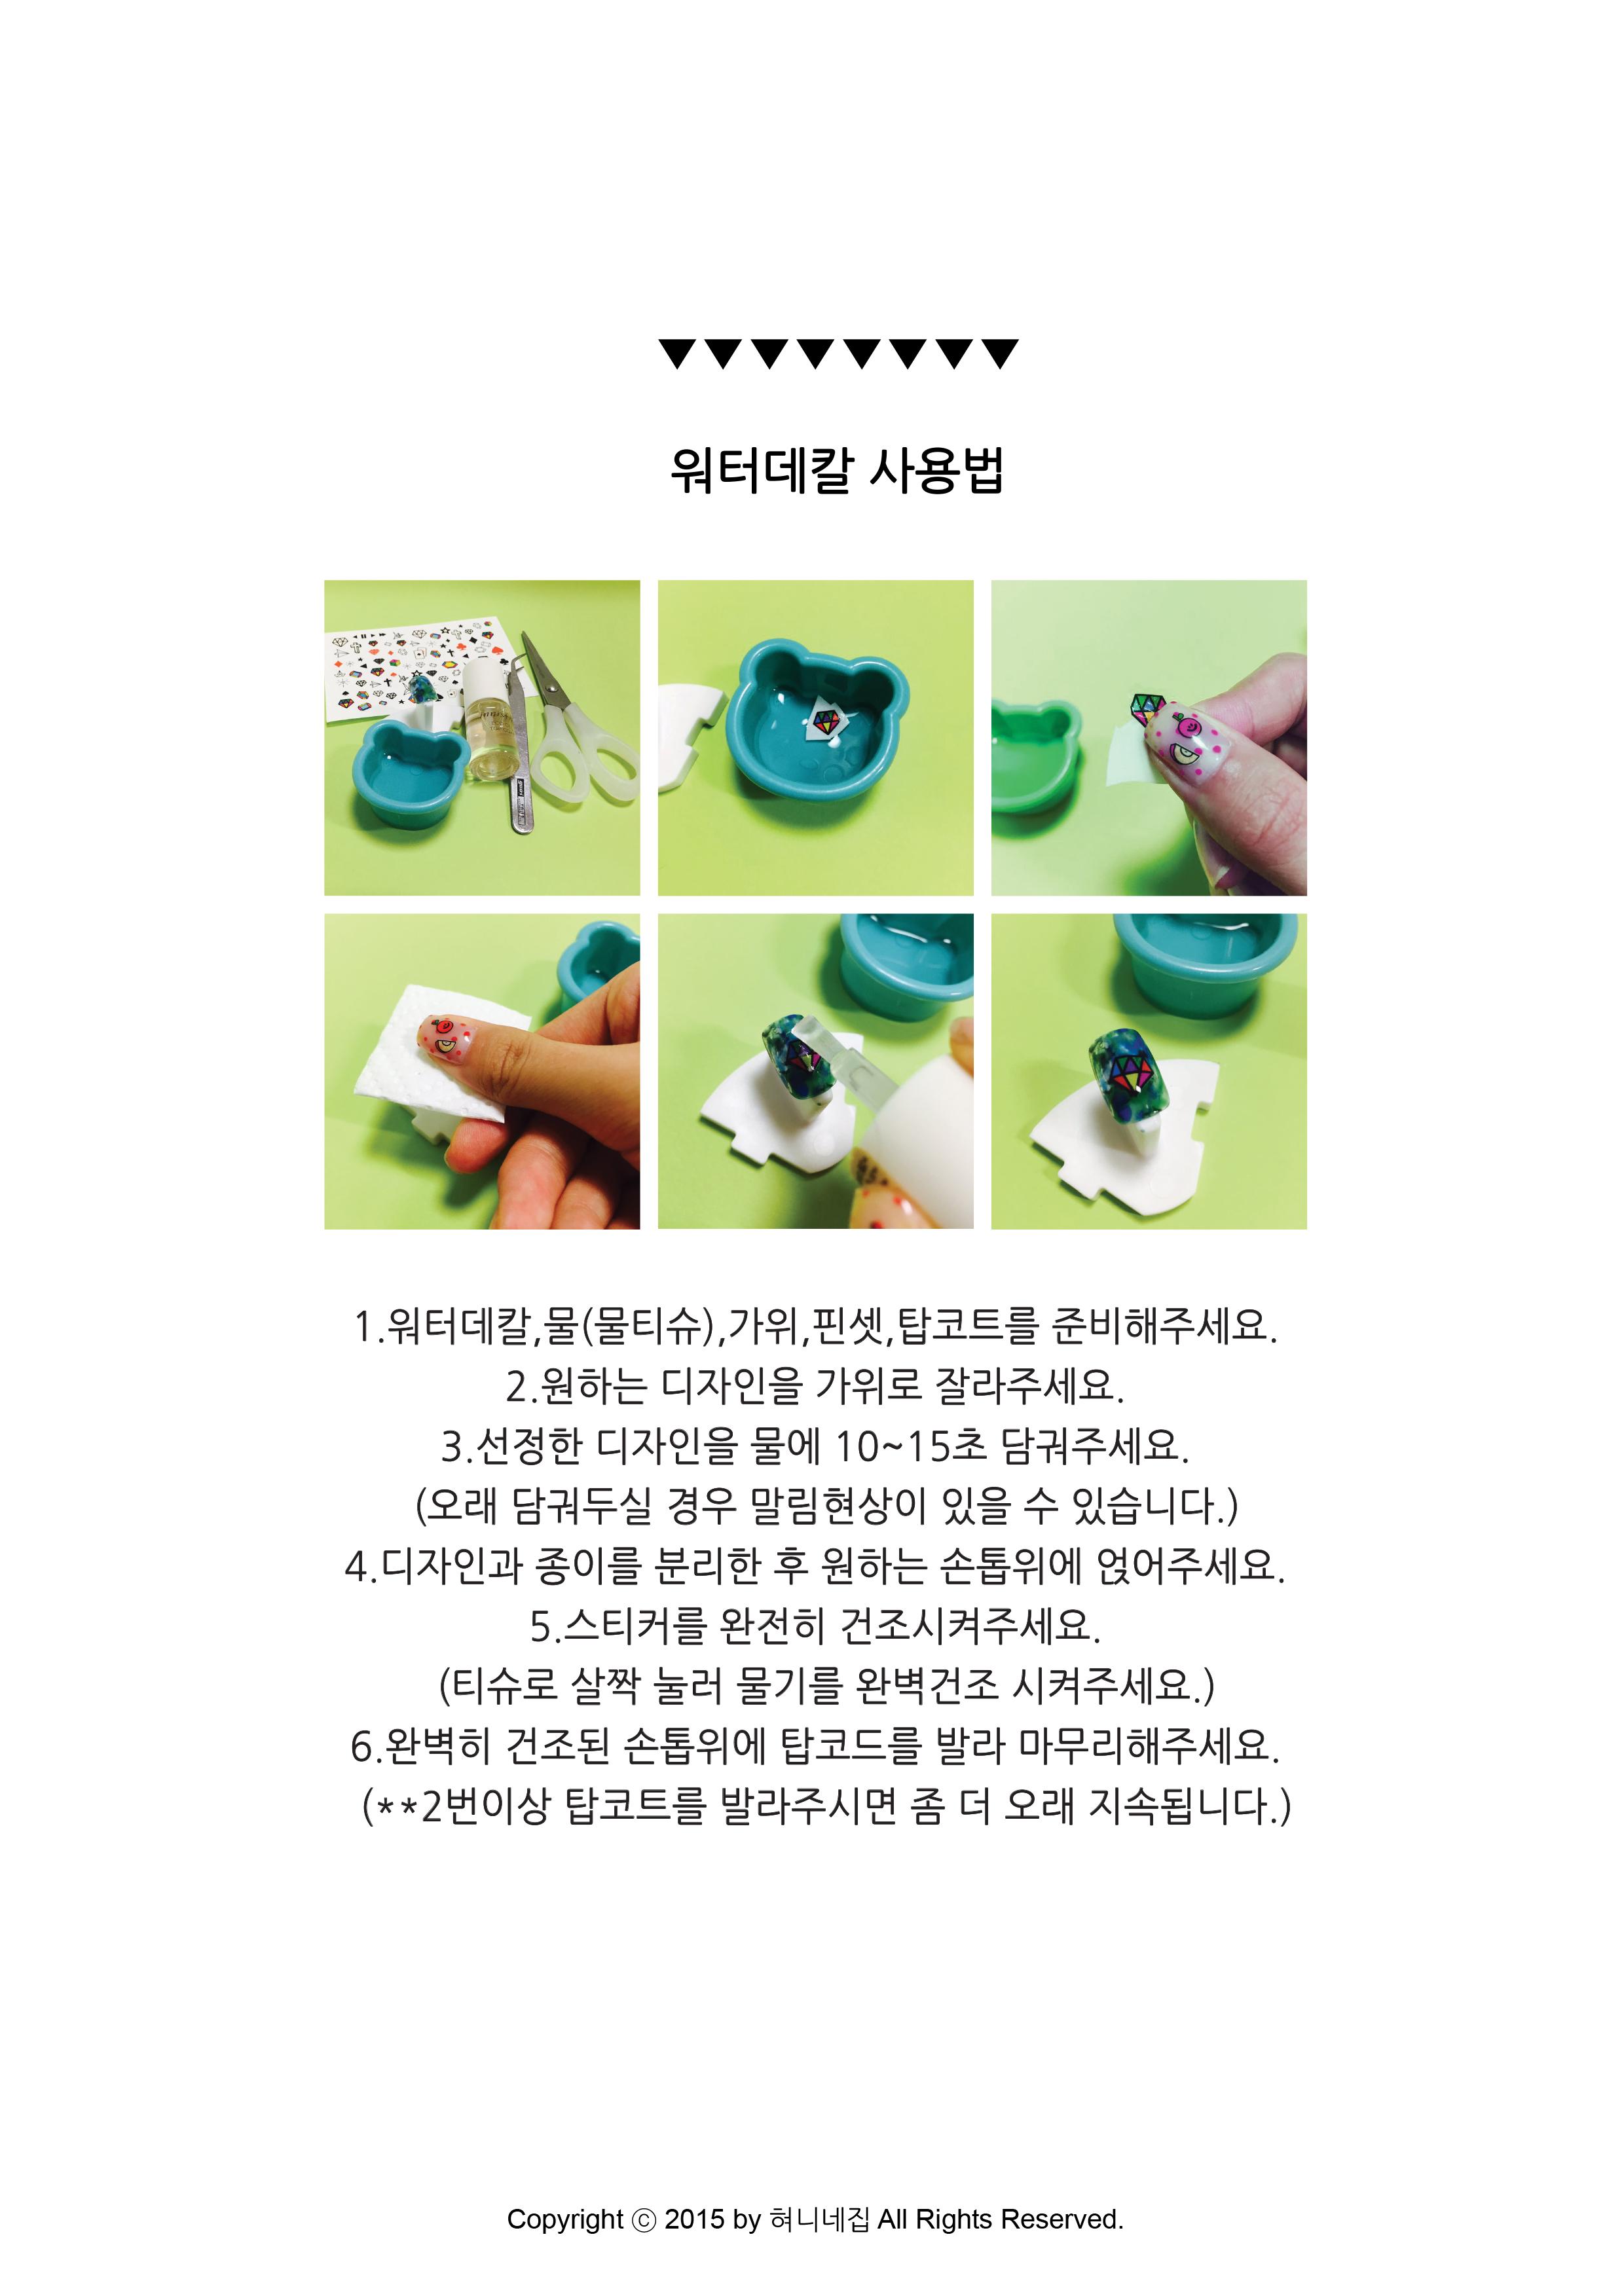 공룡시대 워터데칼 - 혀니네문방구, 4,000원, 네일, 네일스티커/파츠